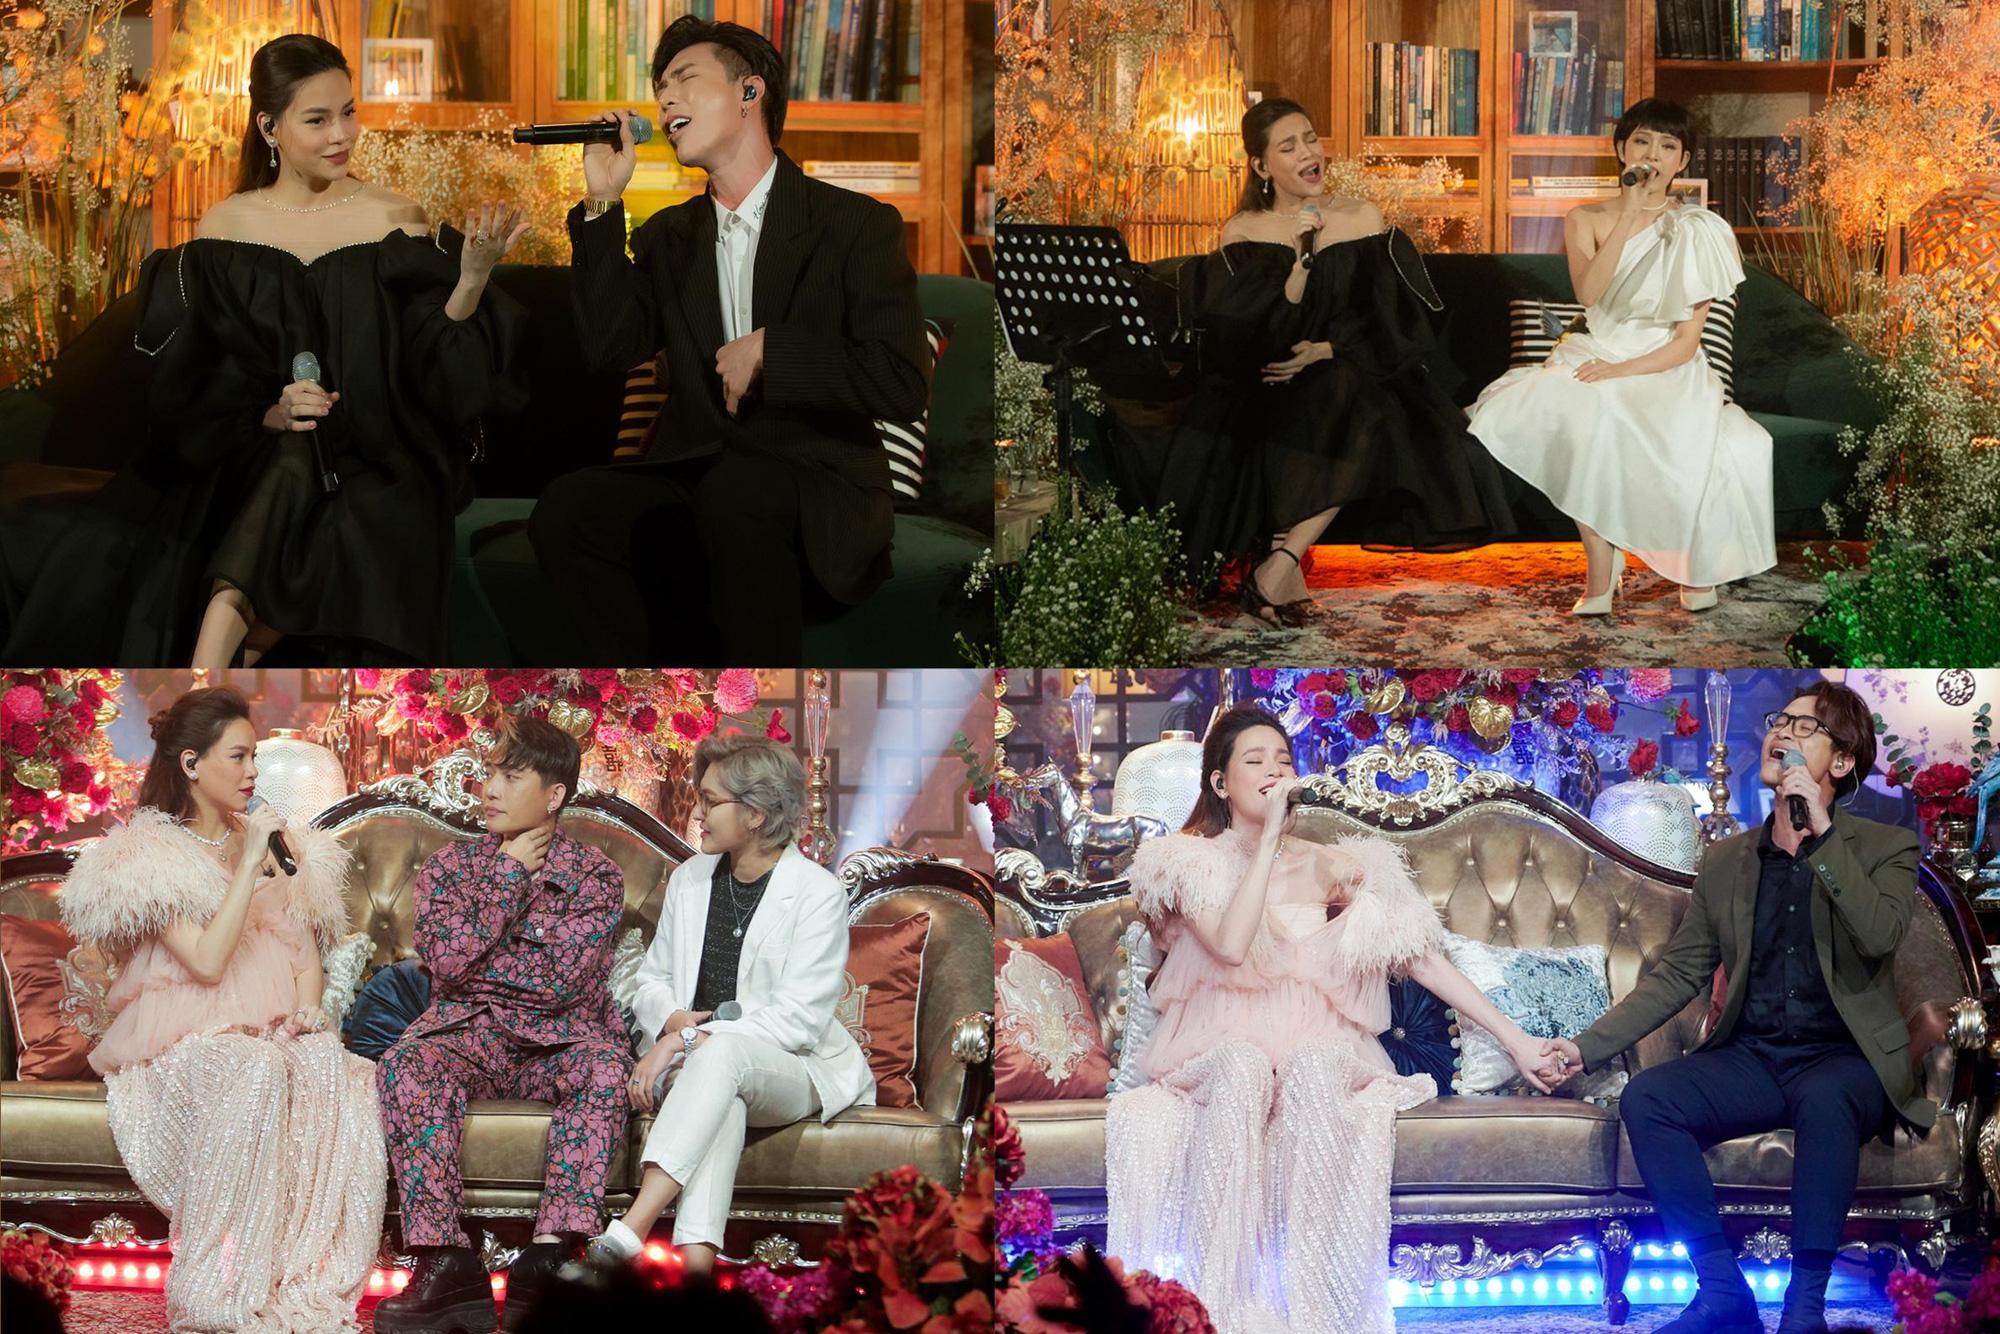 Chuỗi Private Show Love Songs của Hồ Ngọc Hà - điểm sáng của năm về một chương trình âm nhạc đậm chất nghệ thuật - Ảnh 1.